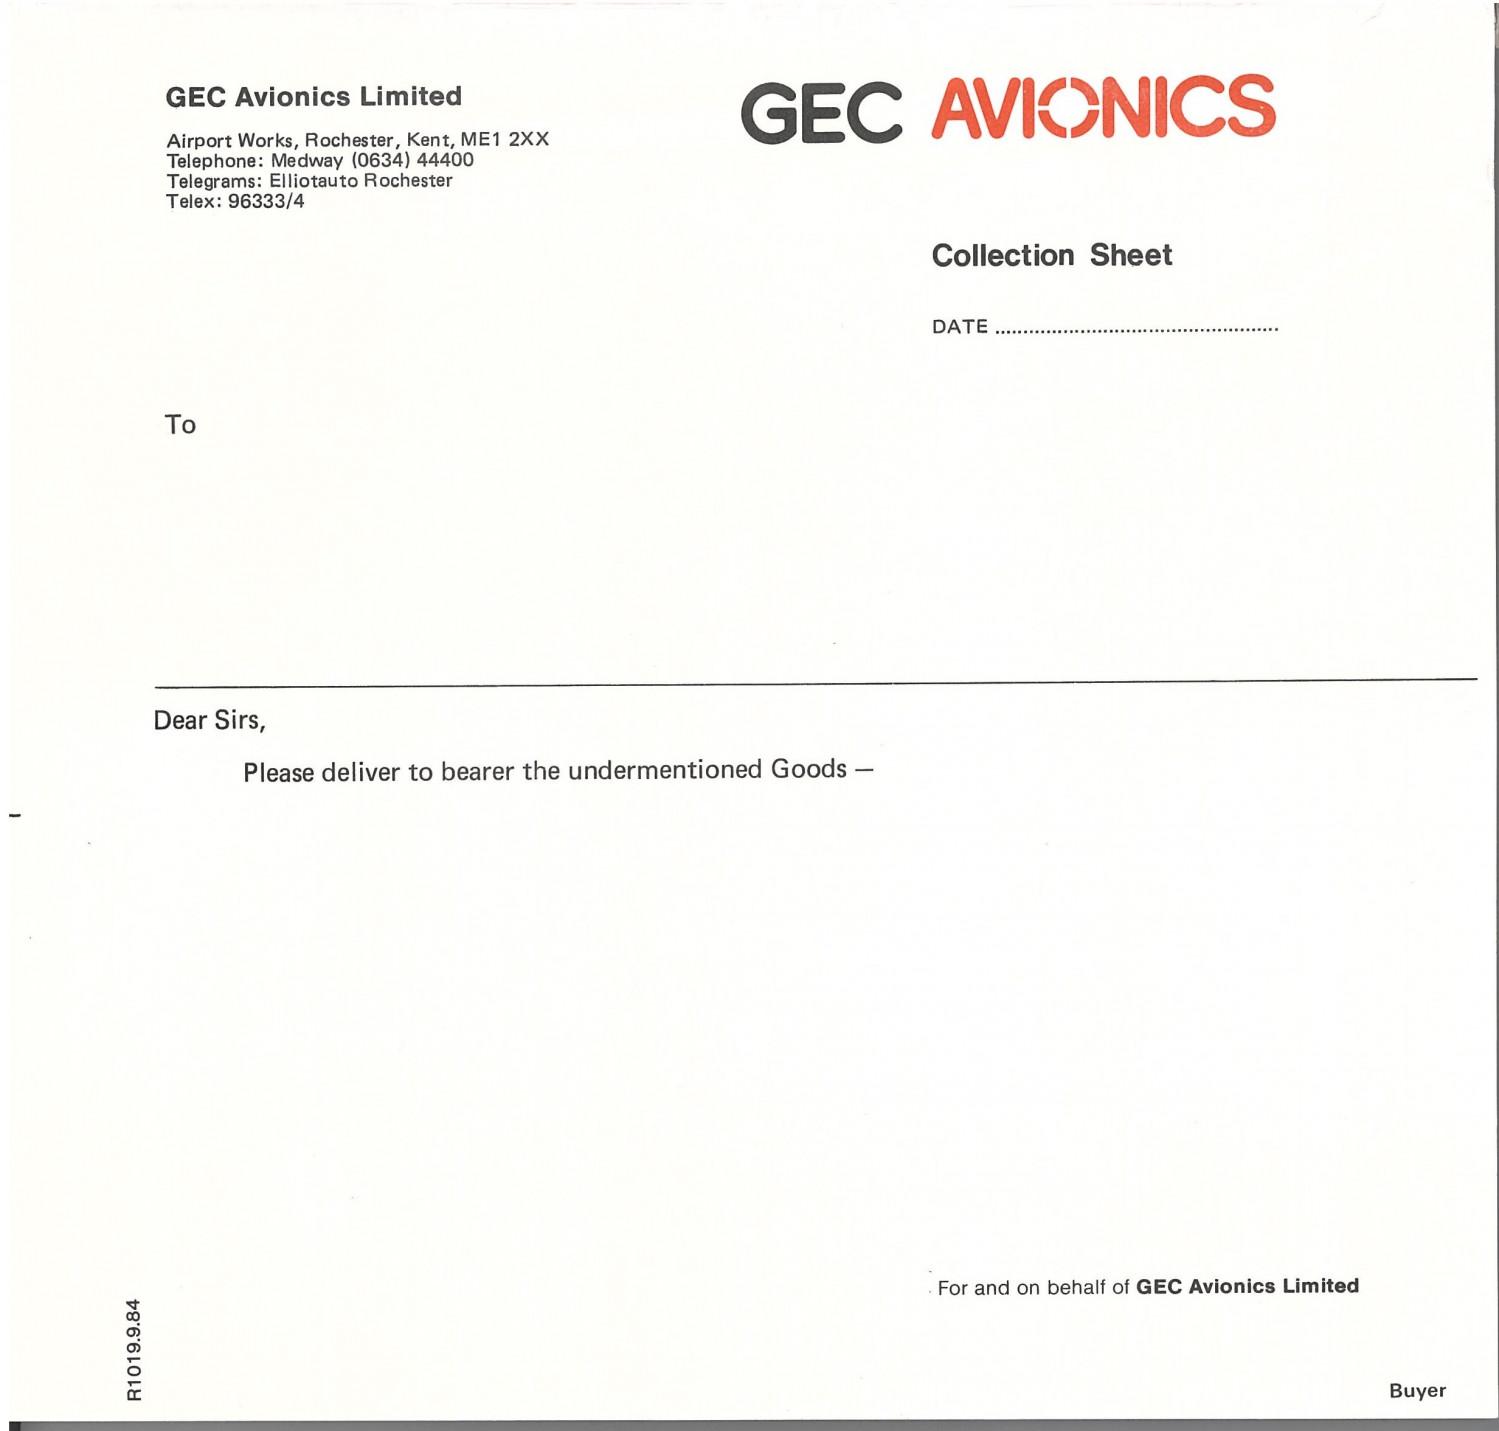 GEC Avionics Collection Sheet